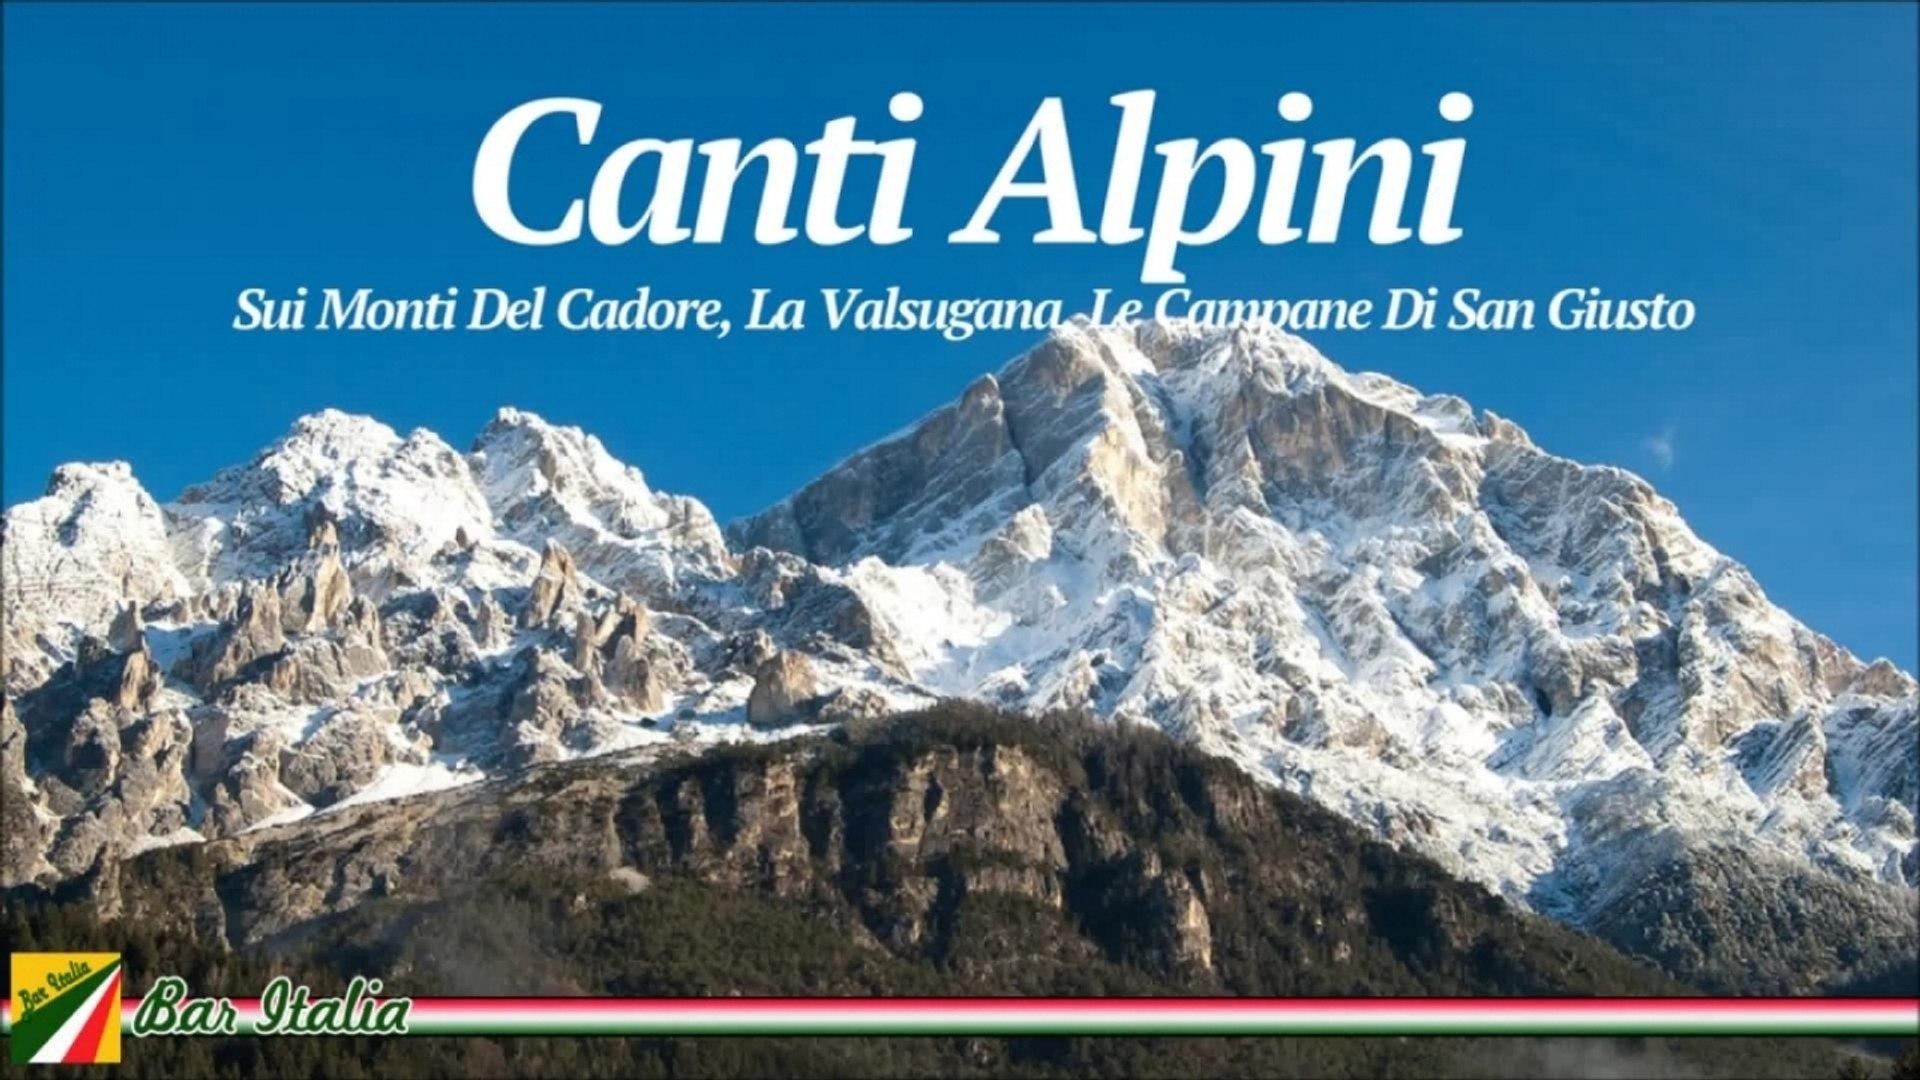 Le Campane Di San Giusto.Various Artists Canti Alpini Sui Monti Del Cadore La Valsugana Le Campane Di San Giusto